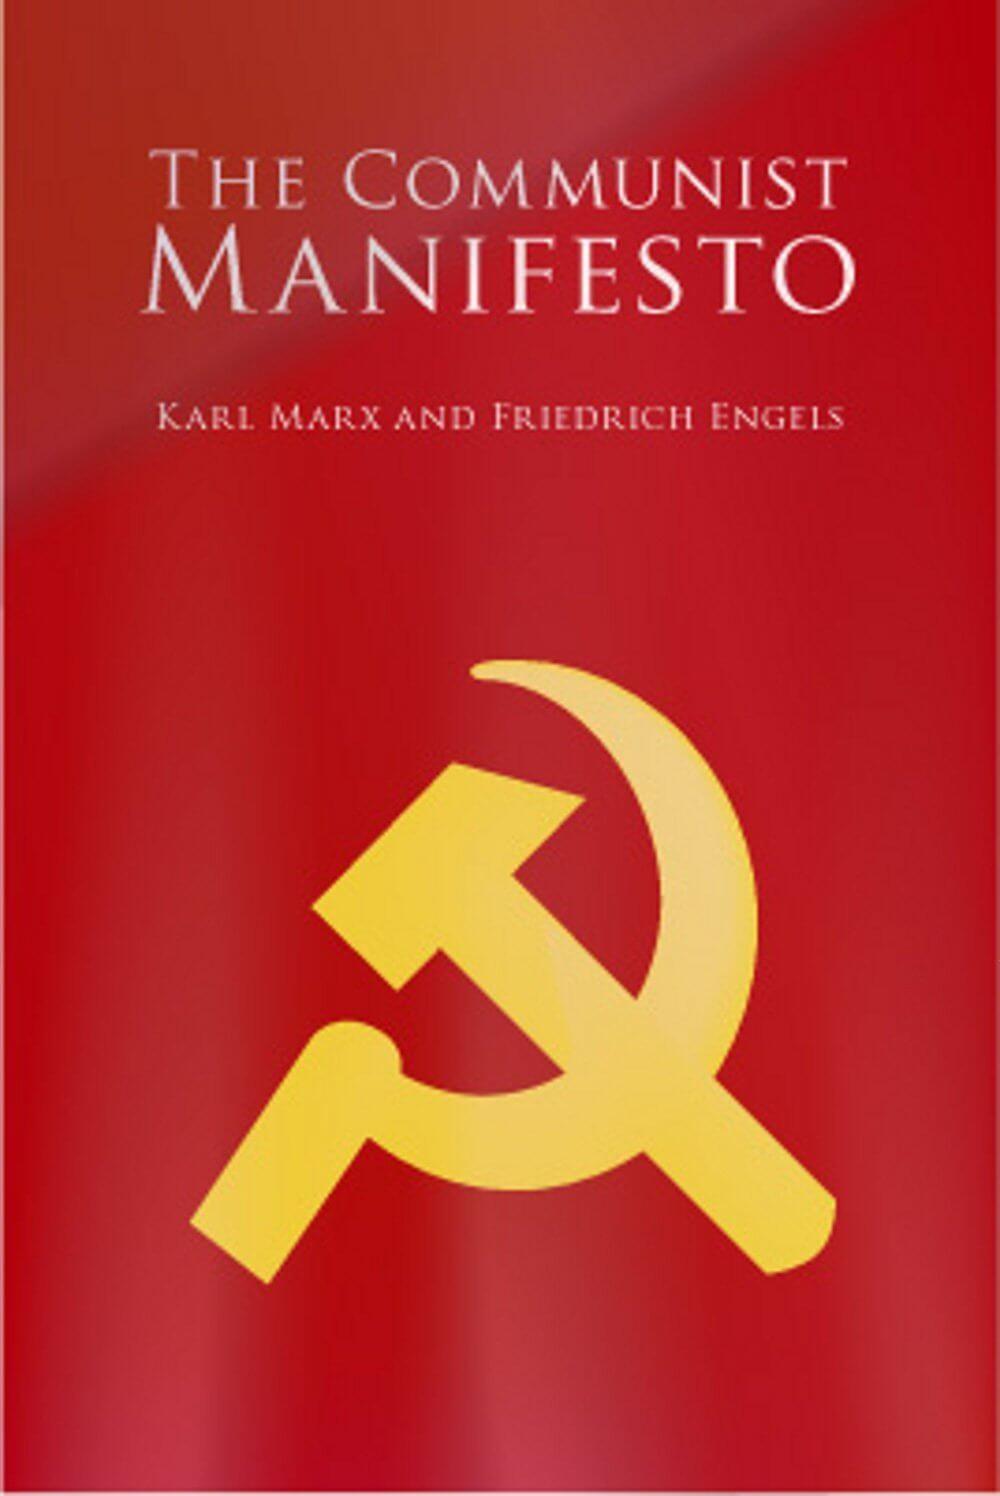 Communist Manifesto.jpg